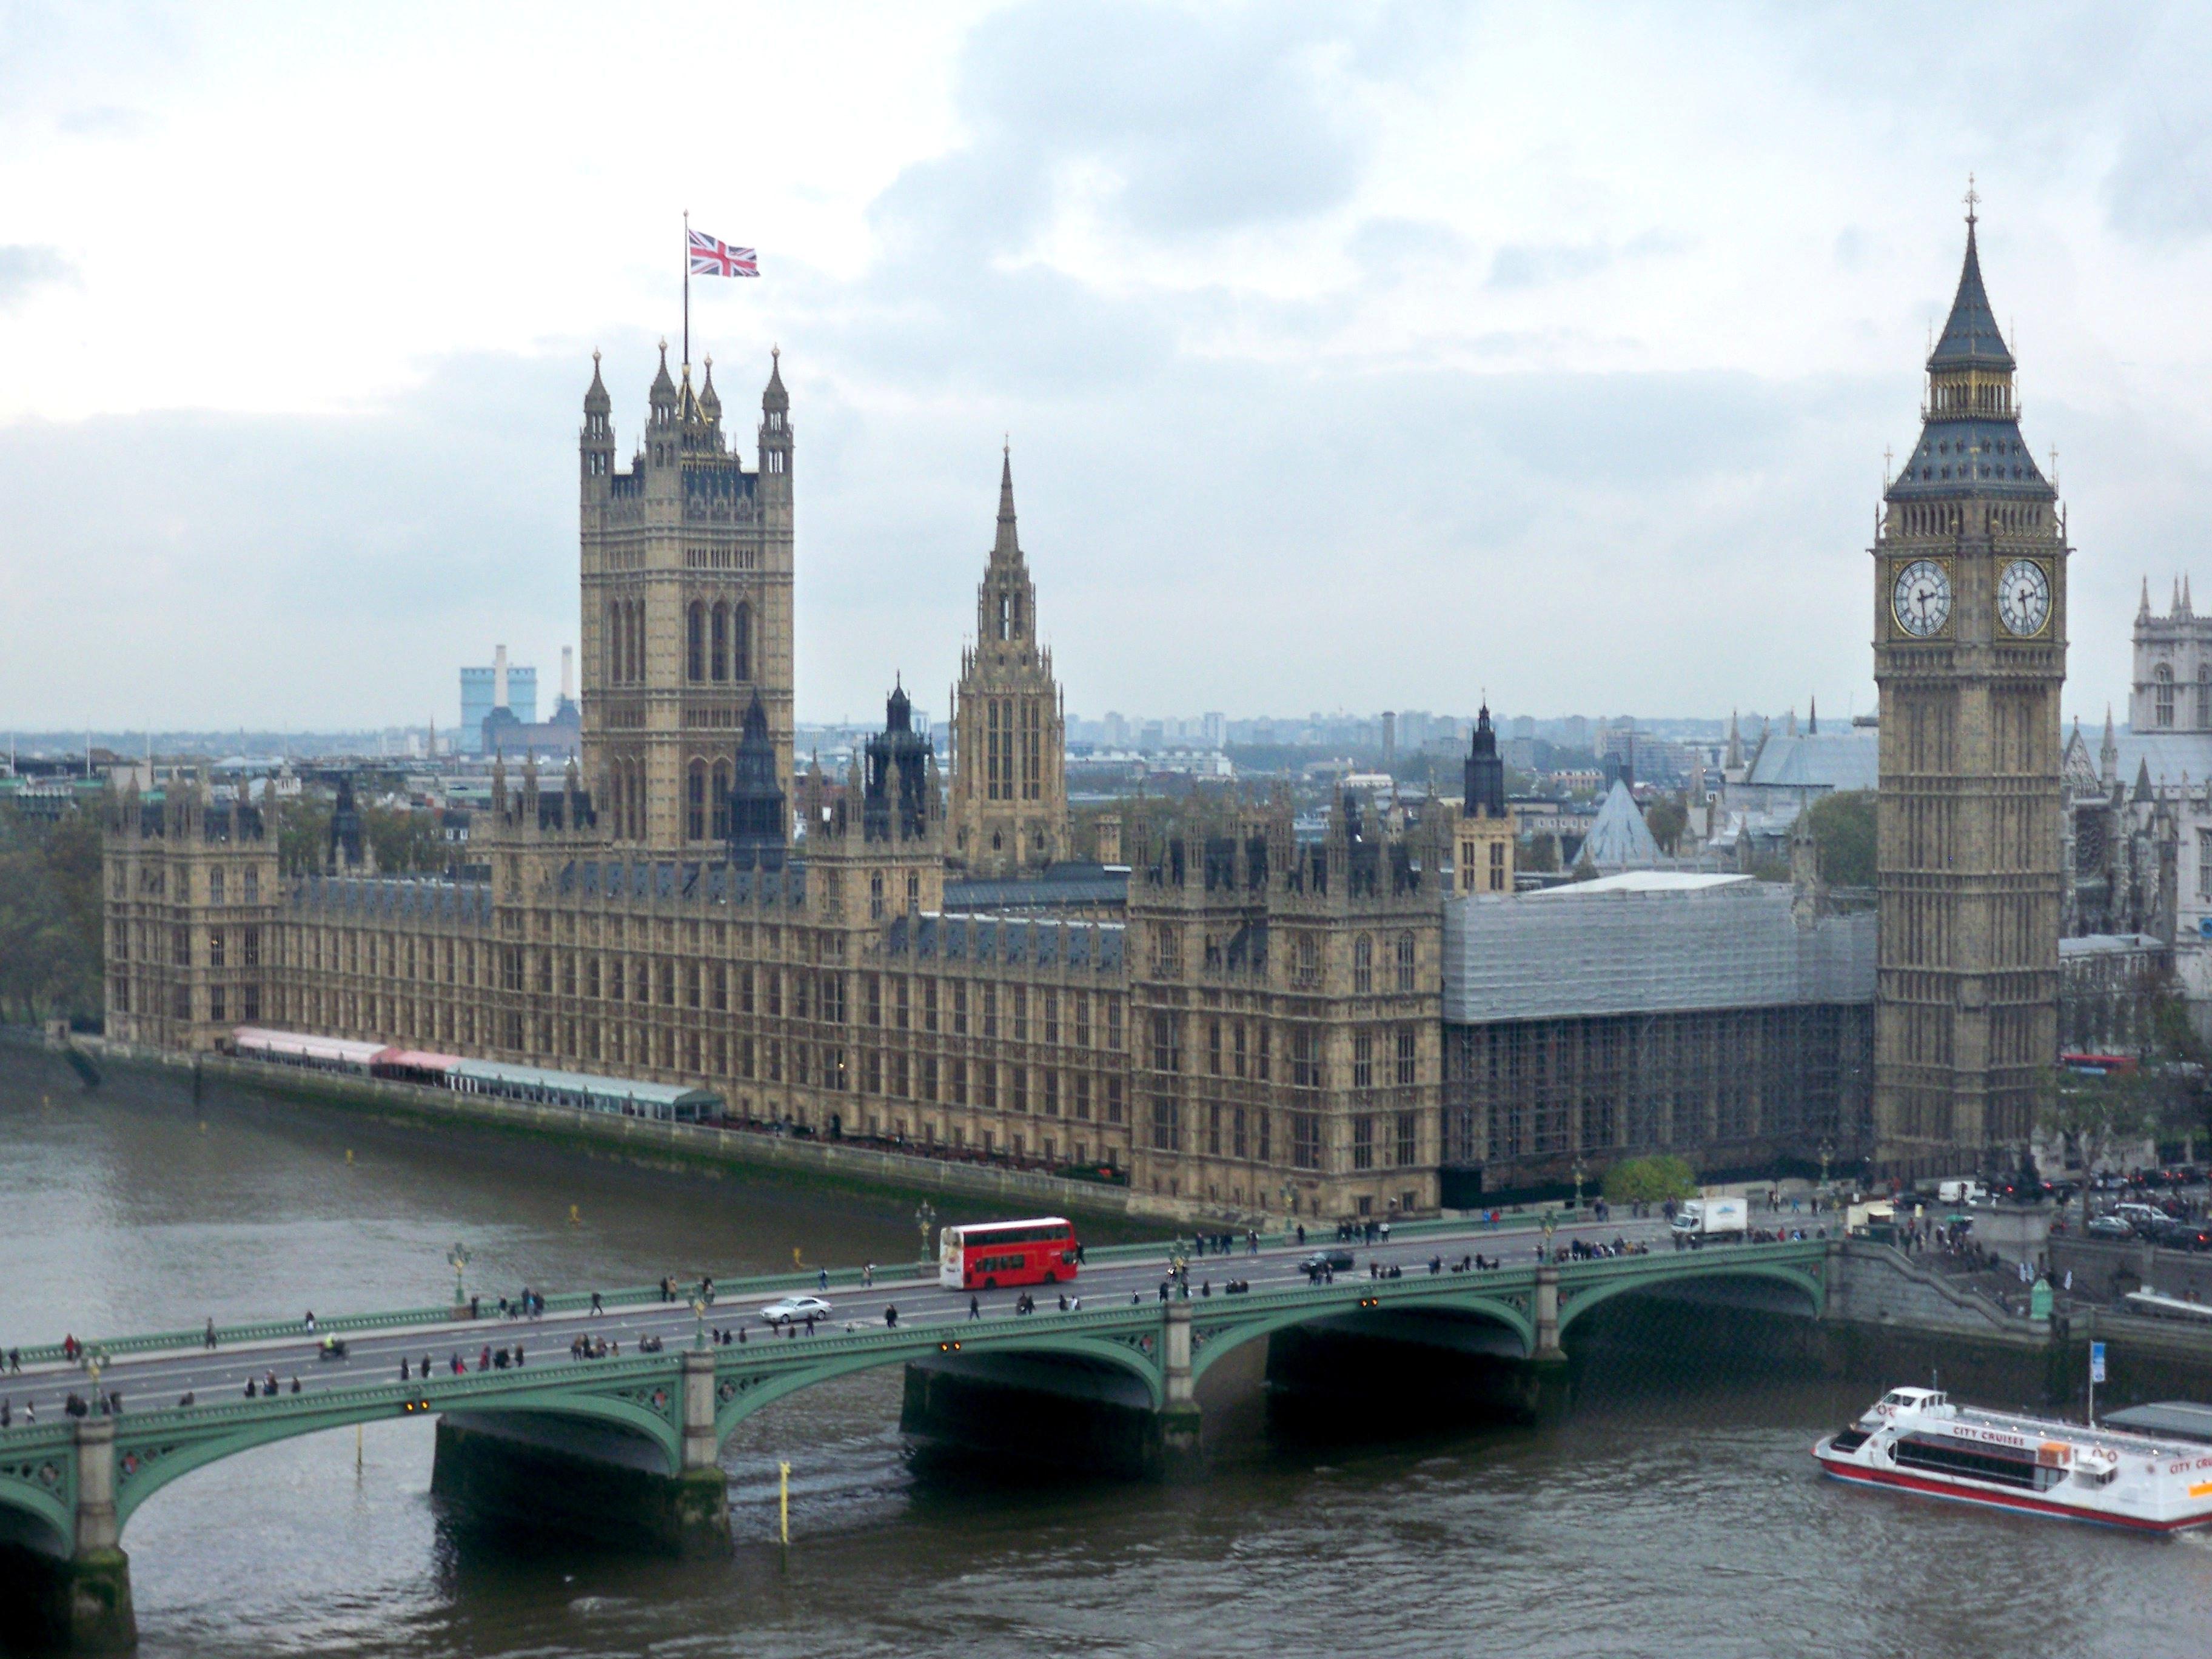 Notte brava e tragedia annunciata a Londra